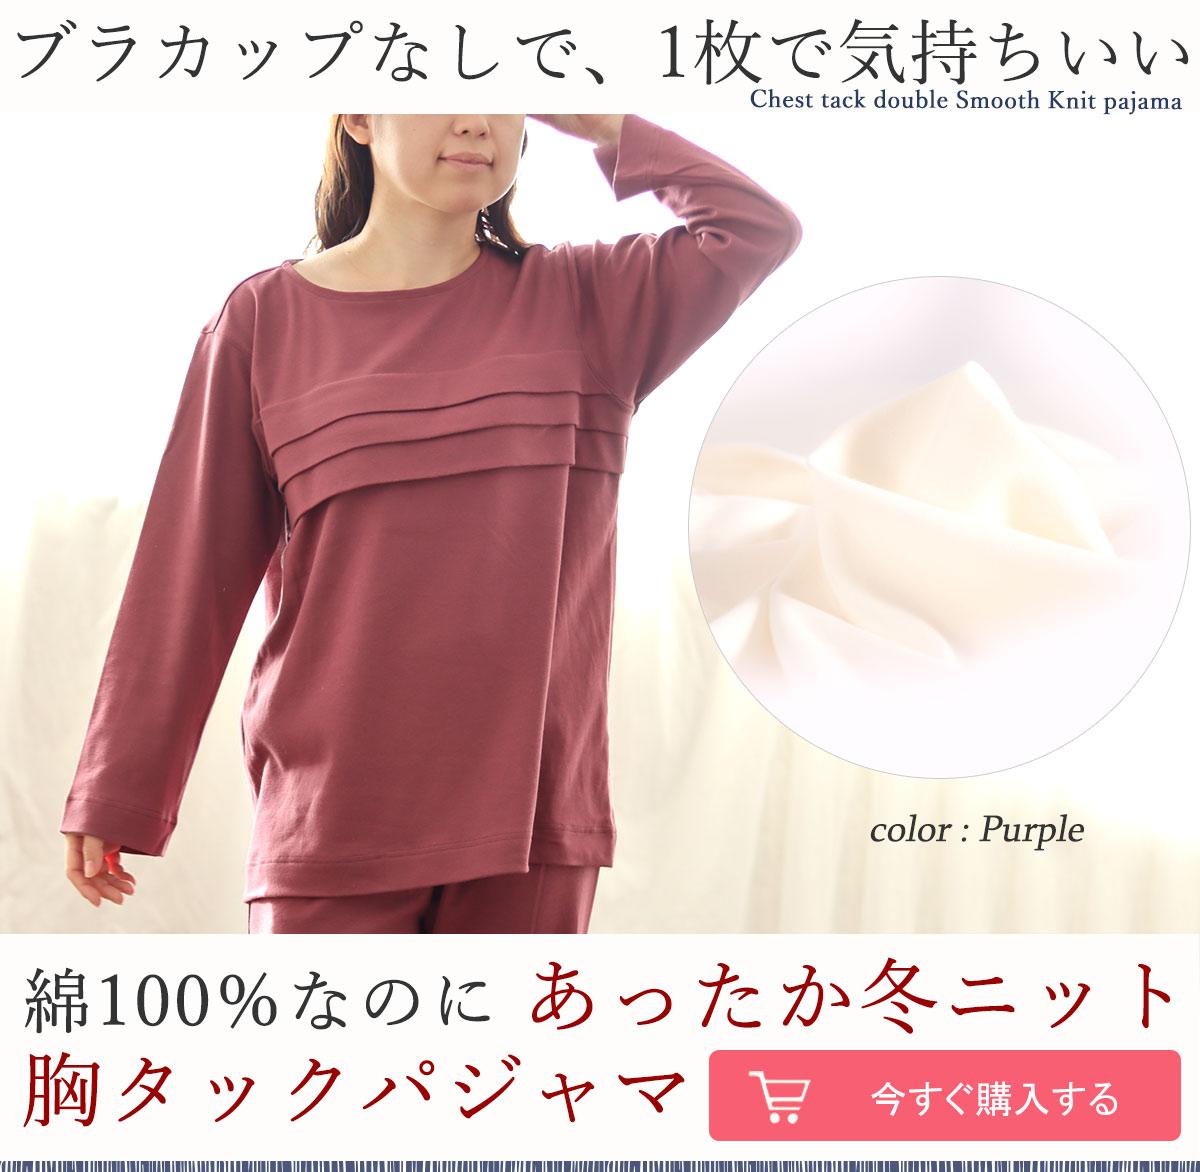 ブラカップなしで1枚で気持ちいい、綿100%なのにあったか冬ニット胸タックパジャマ